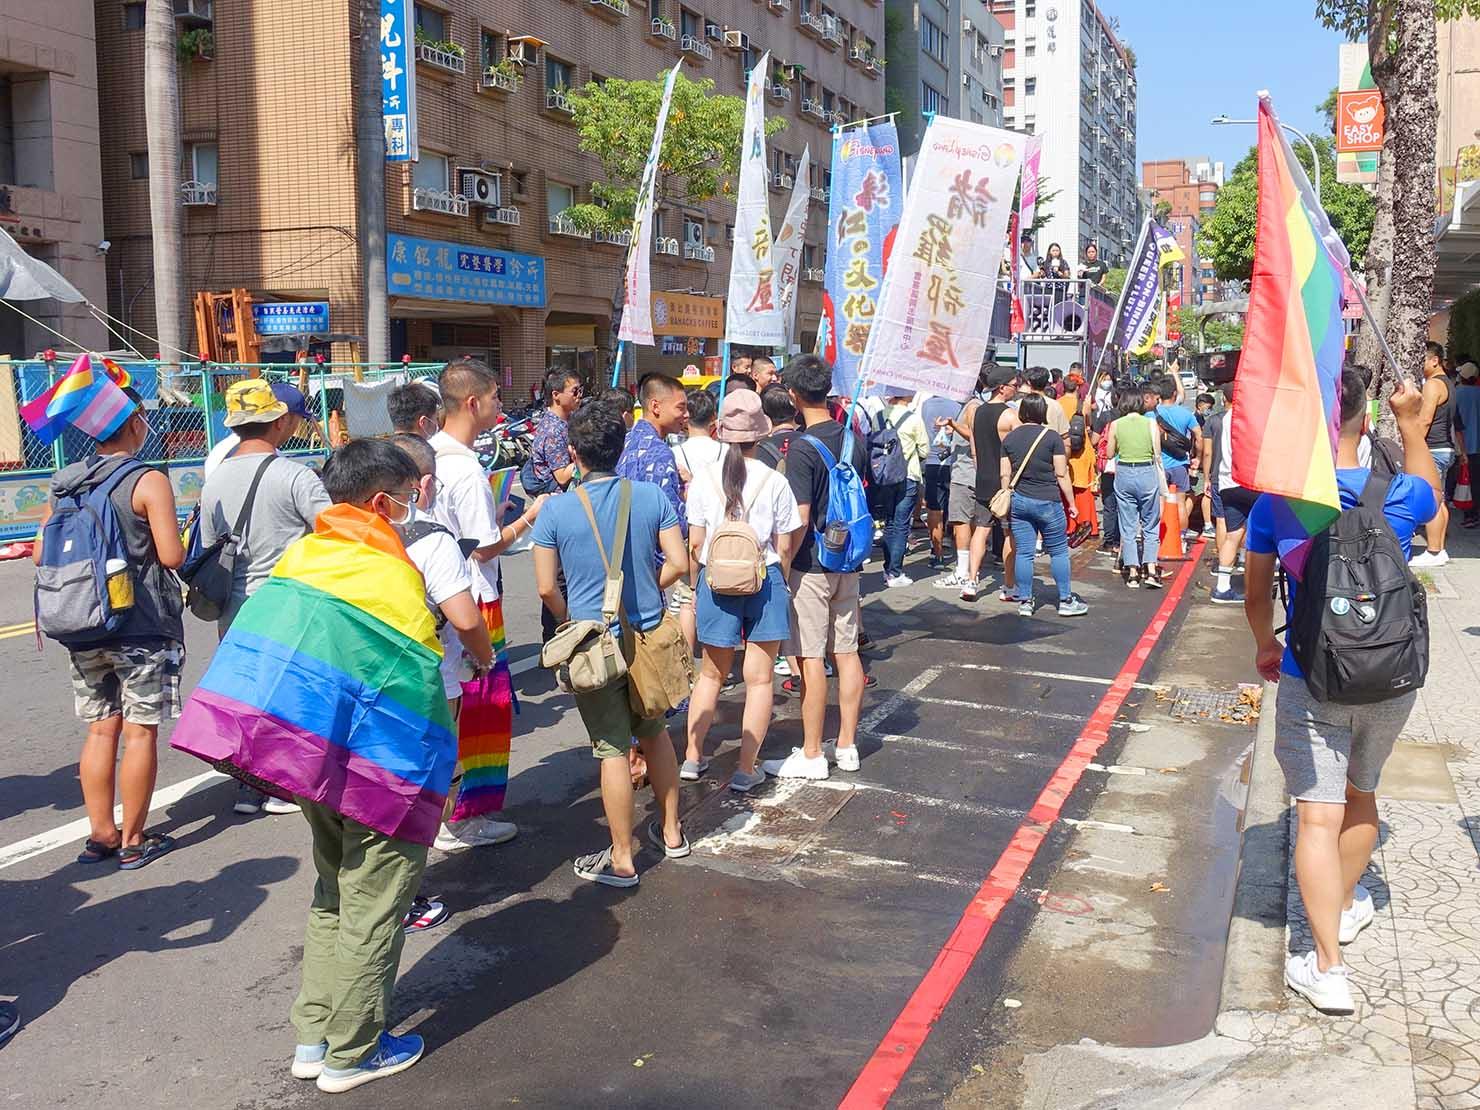 台湾・桃園のLGBTプライド「桃園彩虹野餐日」2020のパレード隊列終盤を沿道から